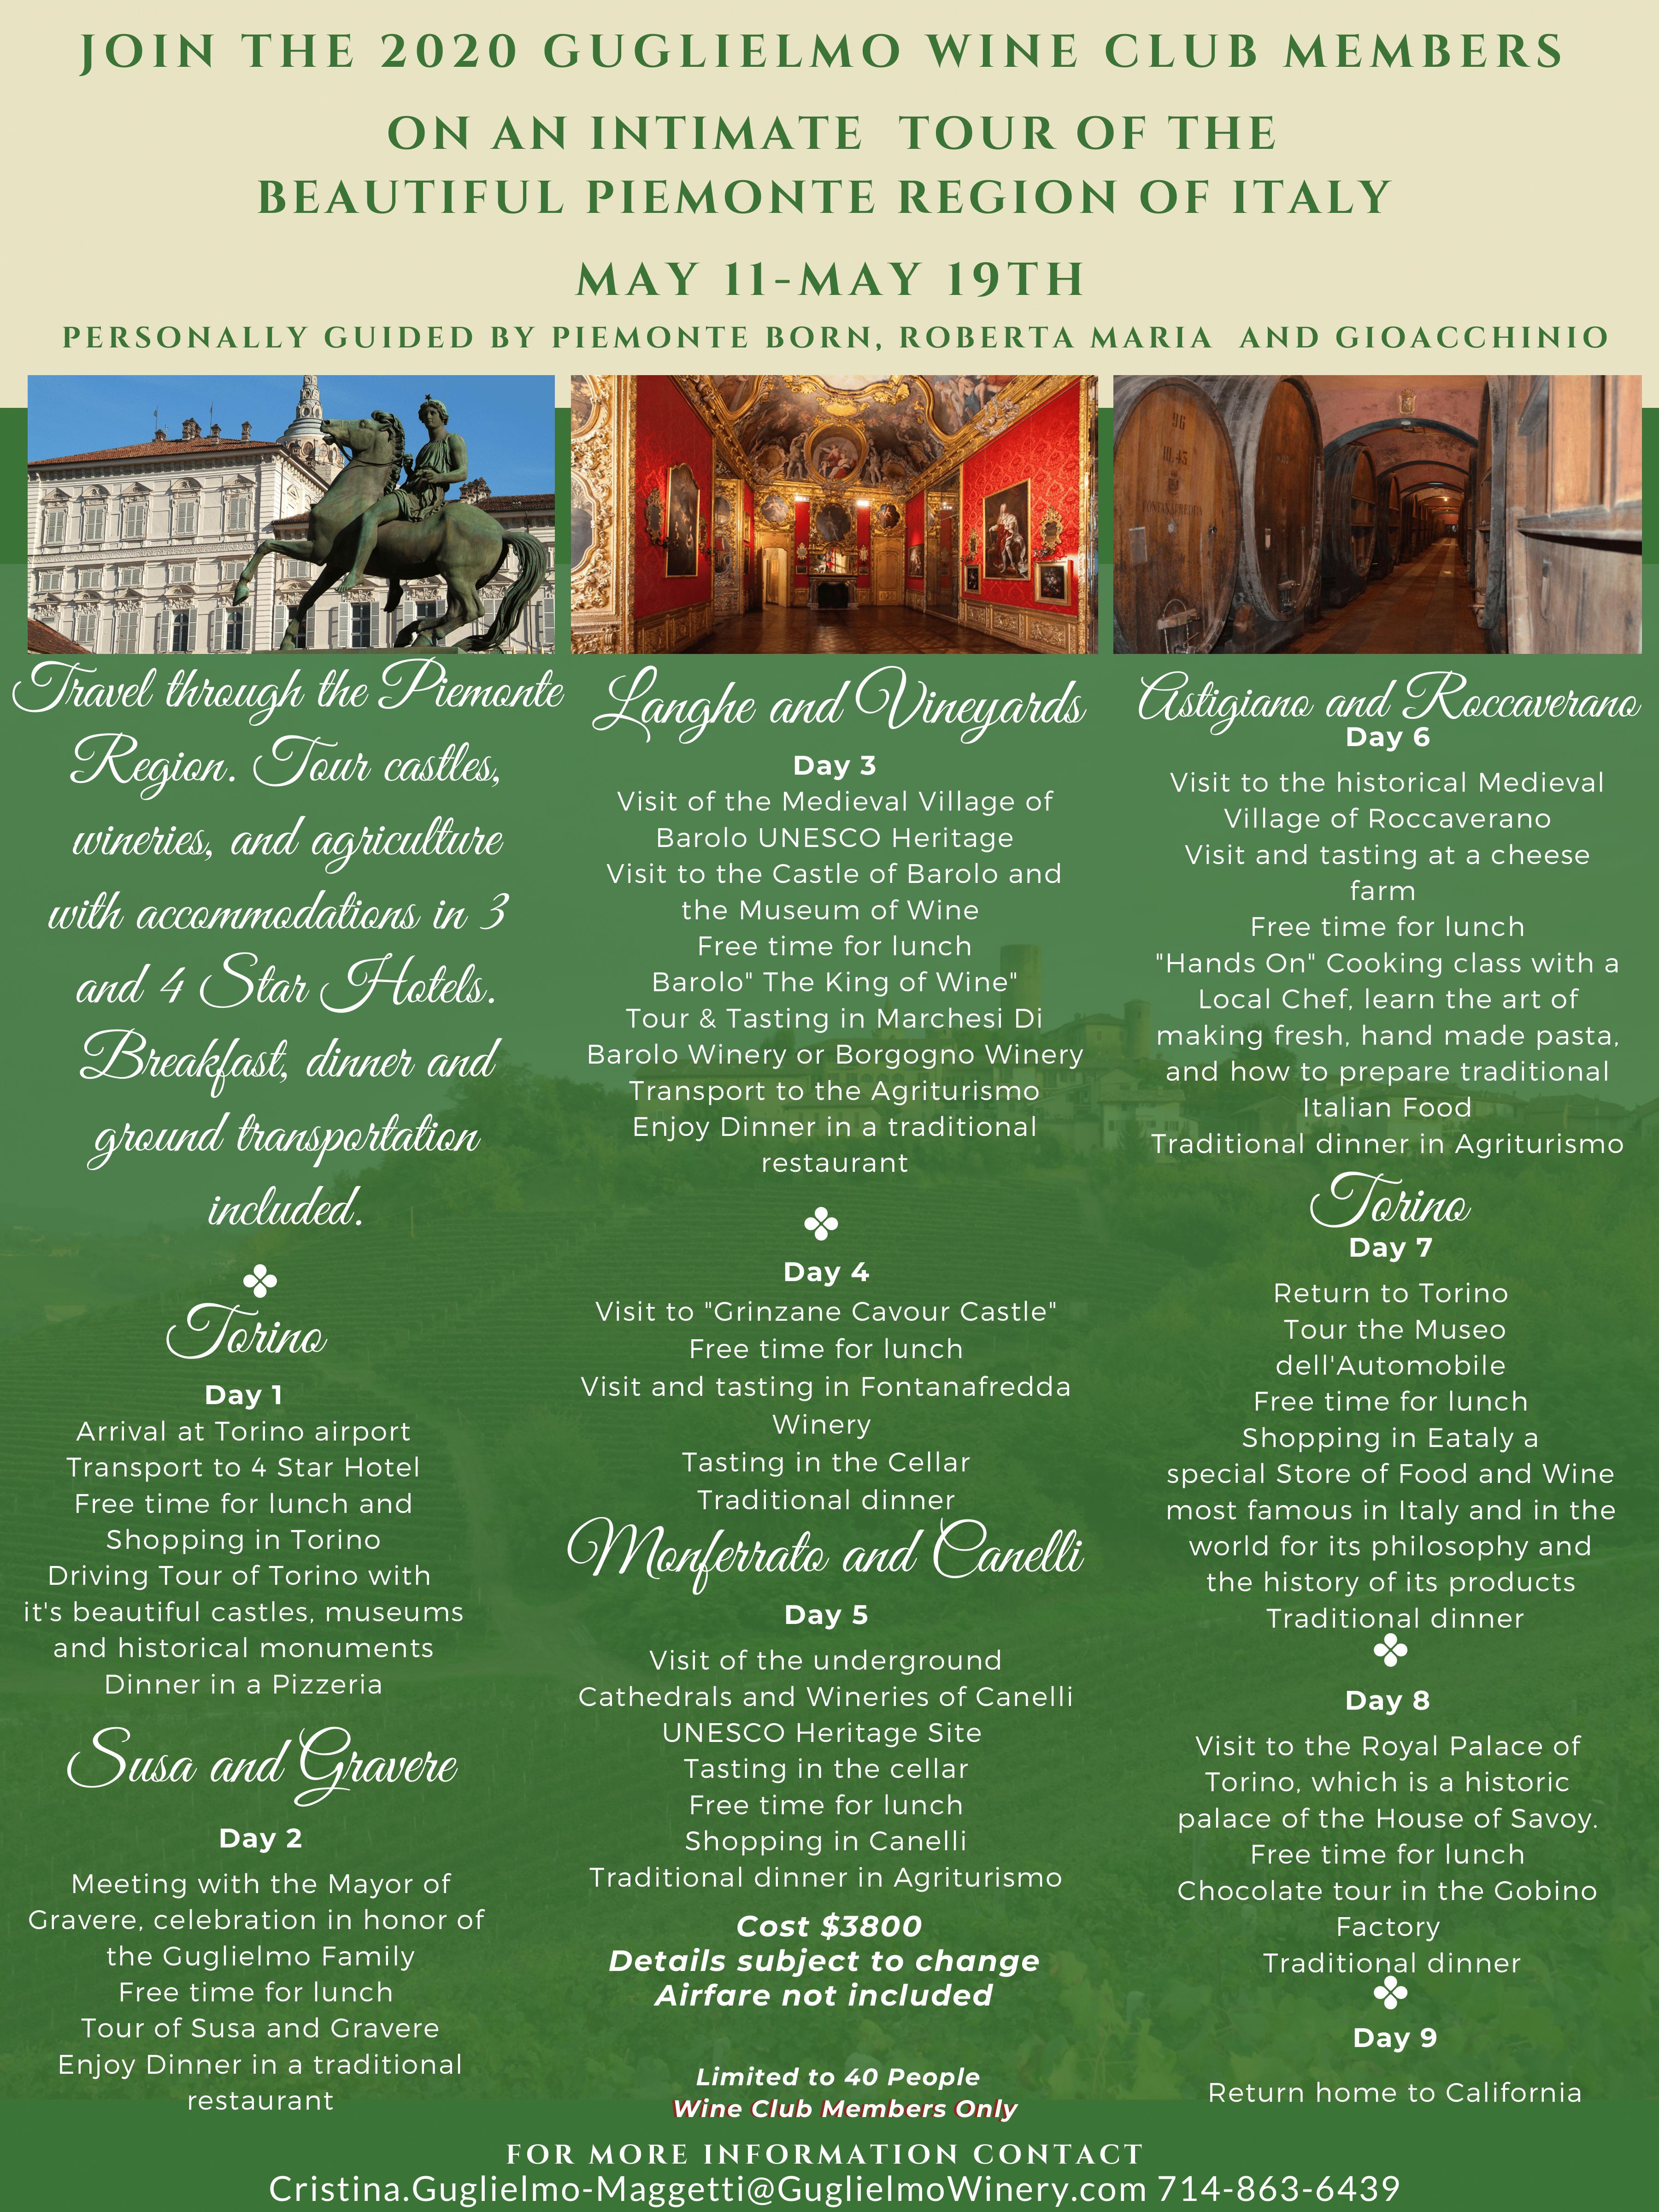 Piemonte Experience Itinerary